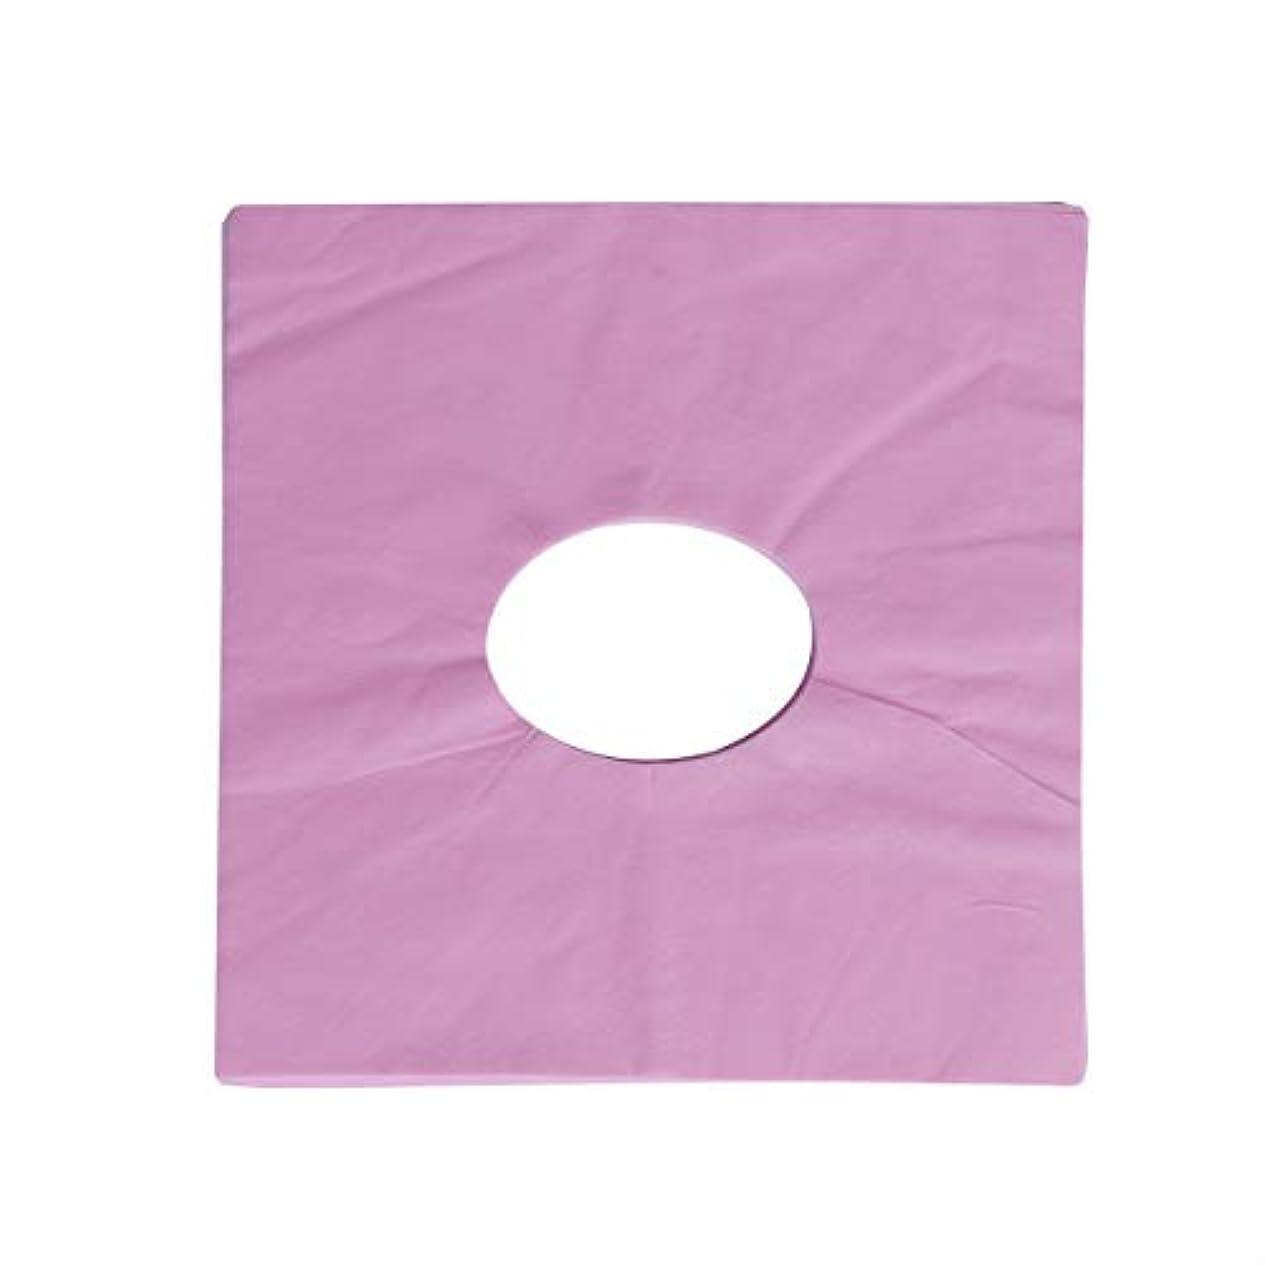 一貫性のない昆虫を見る性交SUPVOX 100ピース使い捨てマッサージフェイスクレードルカバーフェイスマッサージヘッドレストカバー用スパ美容院マッサージ(ピンク)